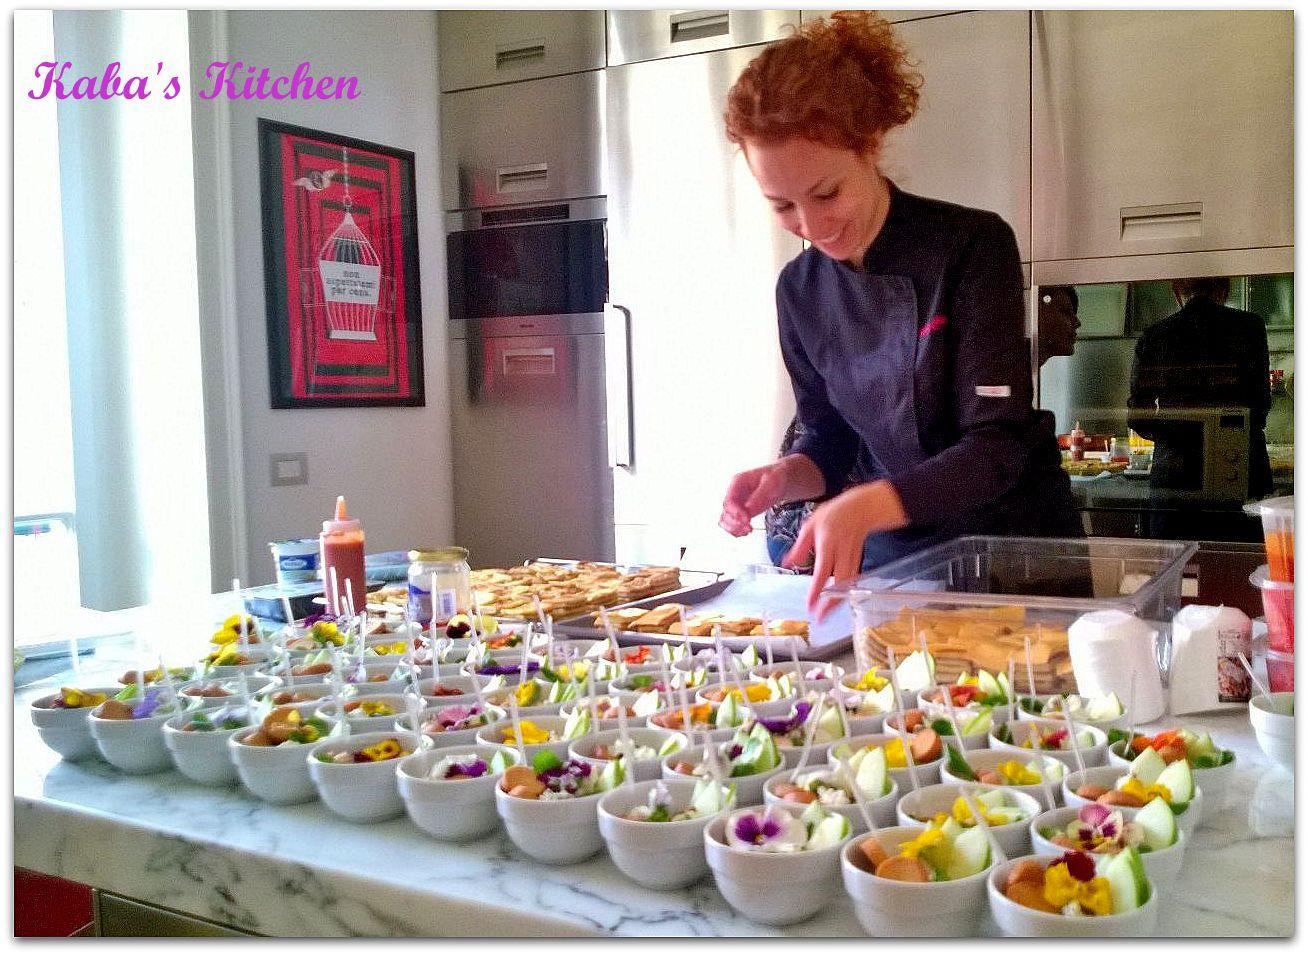 cucina a domicilio | kaba's kitchen - Cucinare A Domicilio